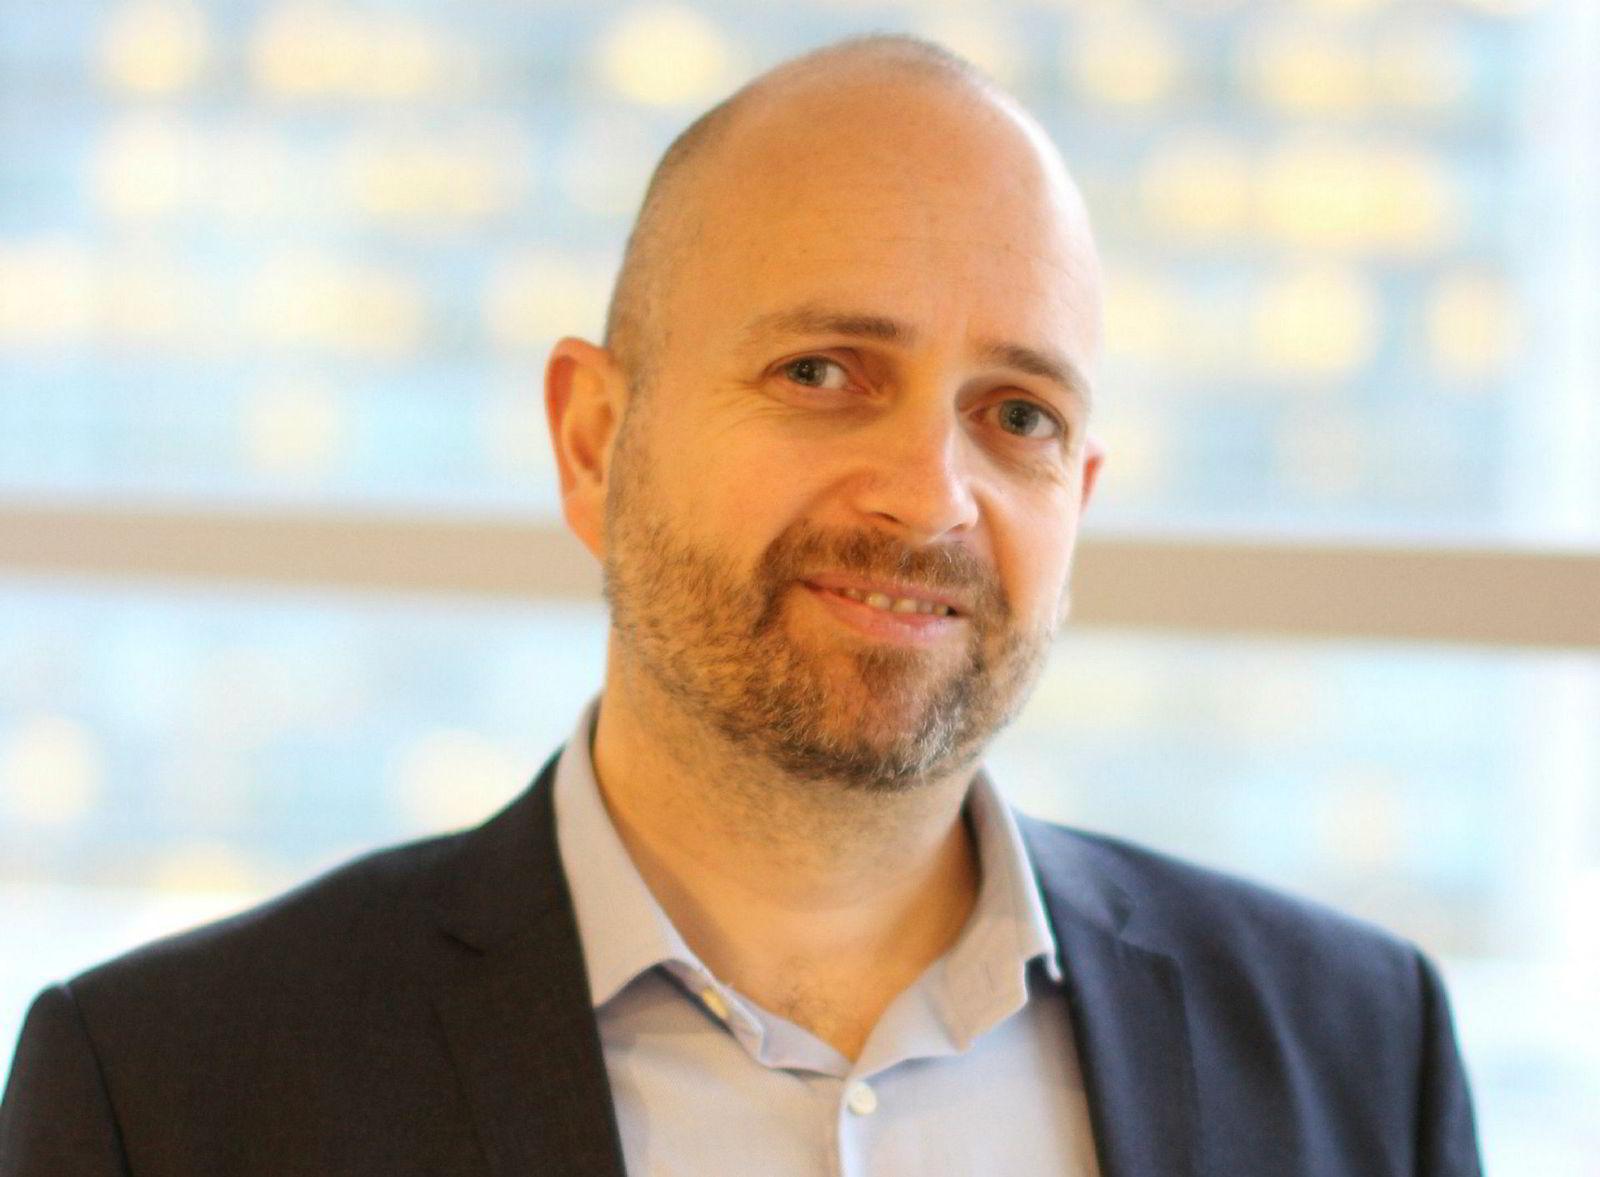 Jan Åge Skaathun er en av to gründere i Quantfolio og var tidligere med på å starte Itslearning. Nå får de Skandiabanken inn som storeier og kunde.